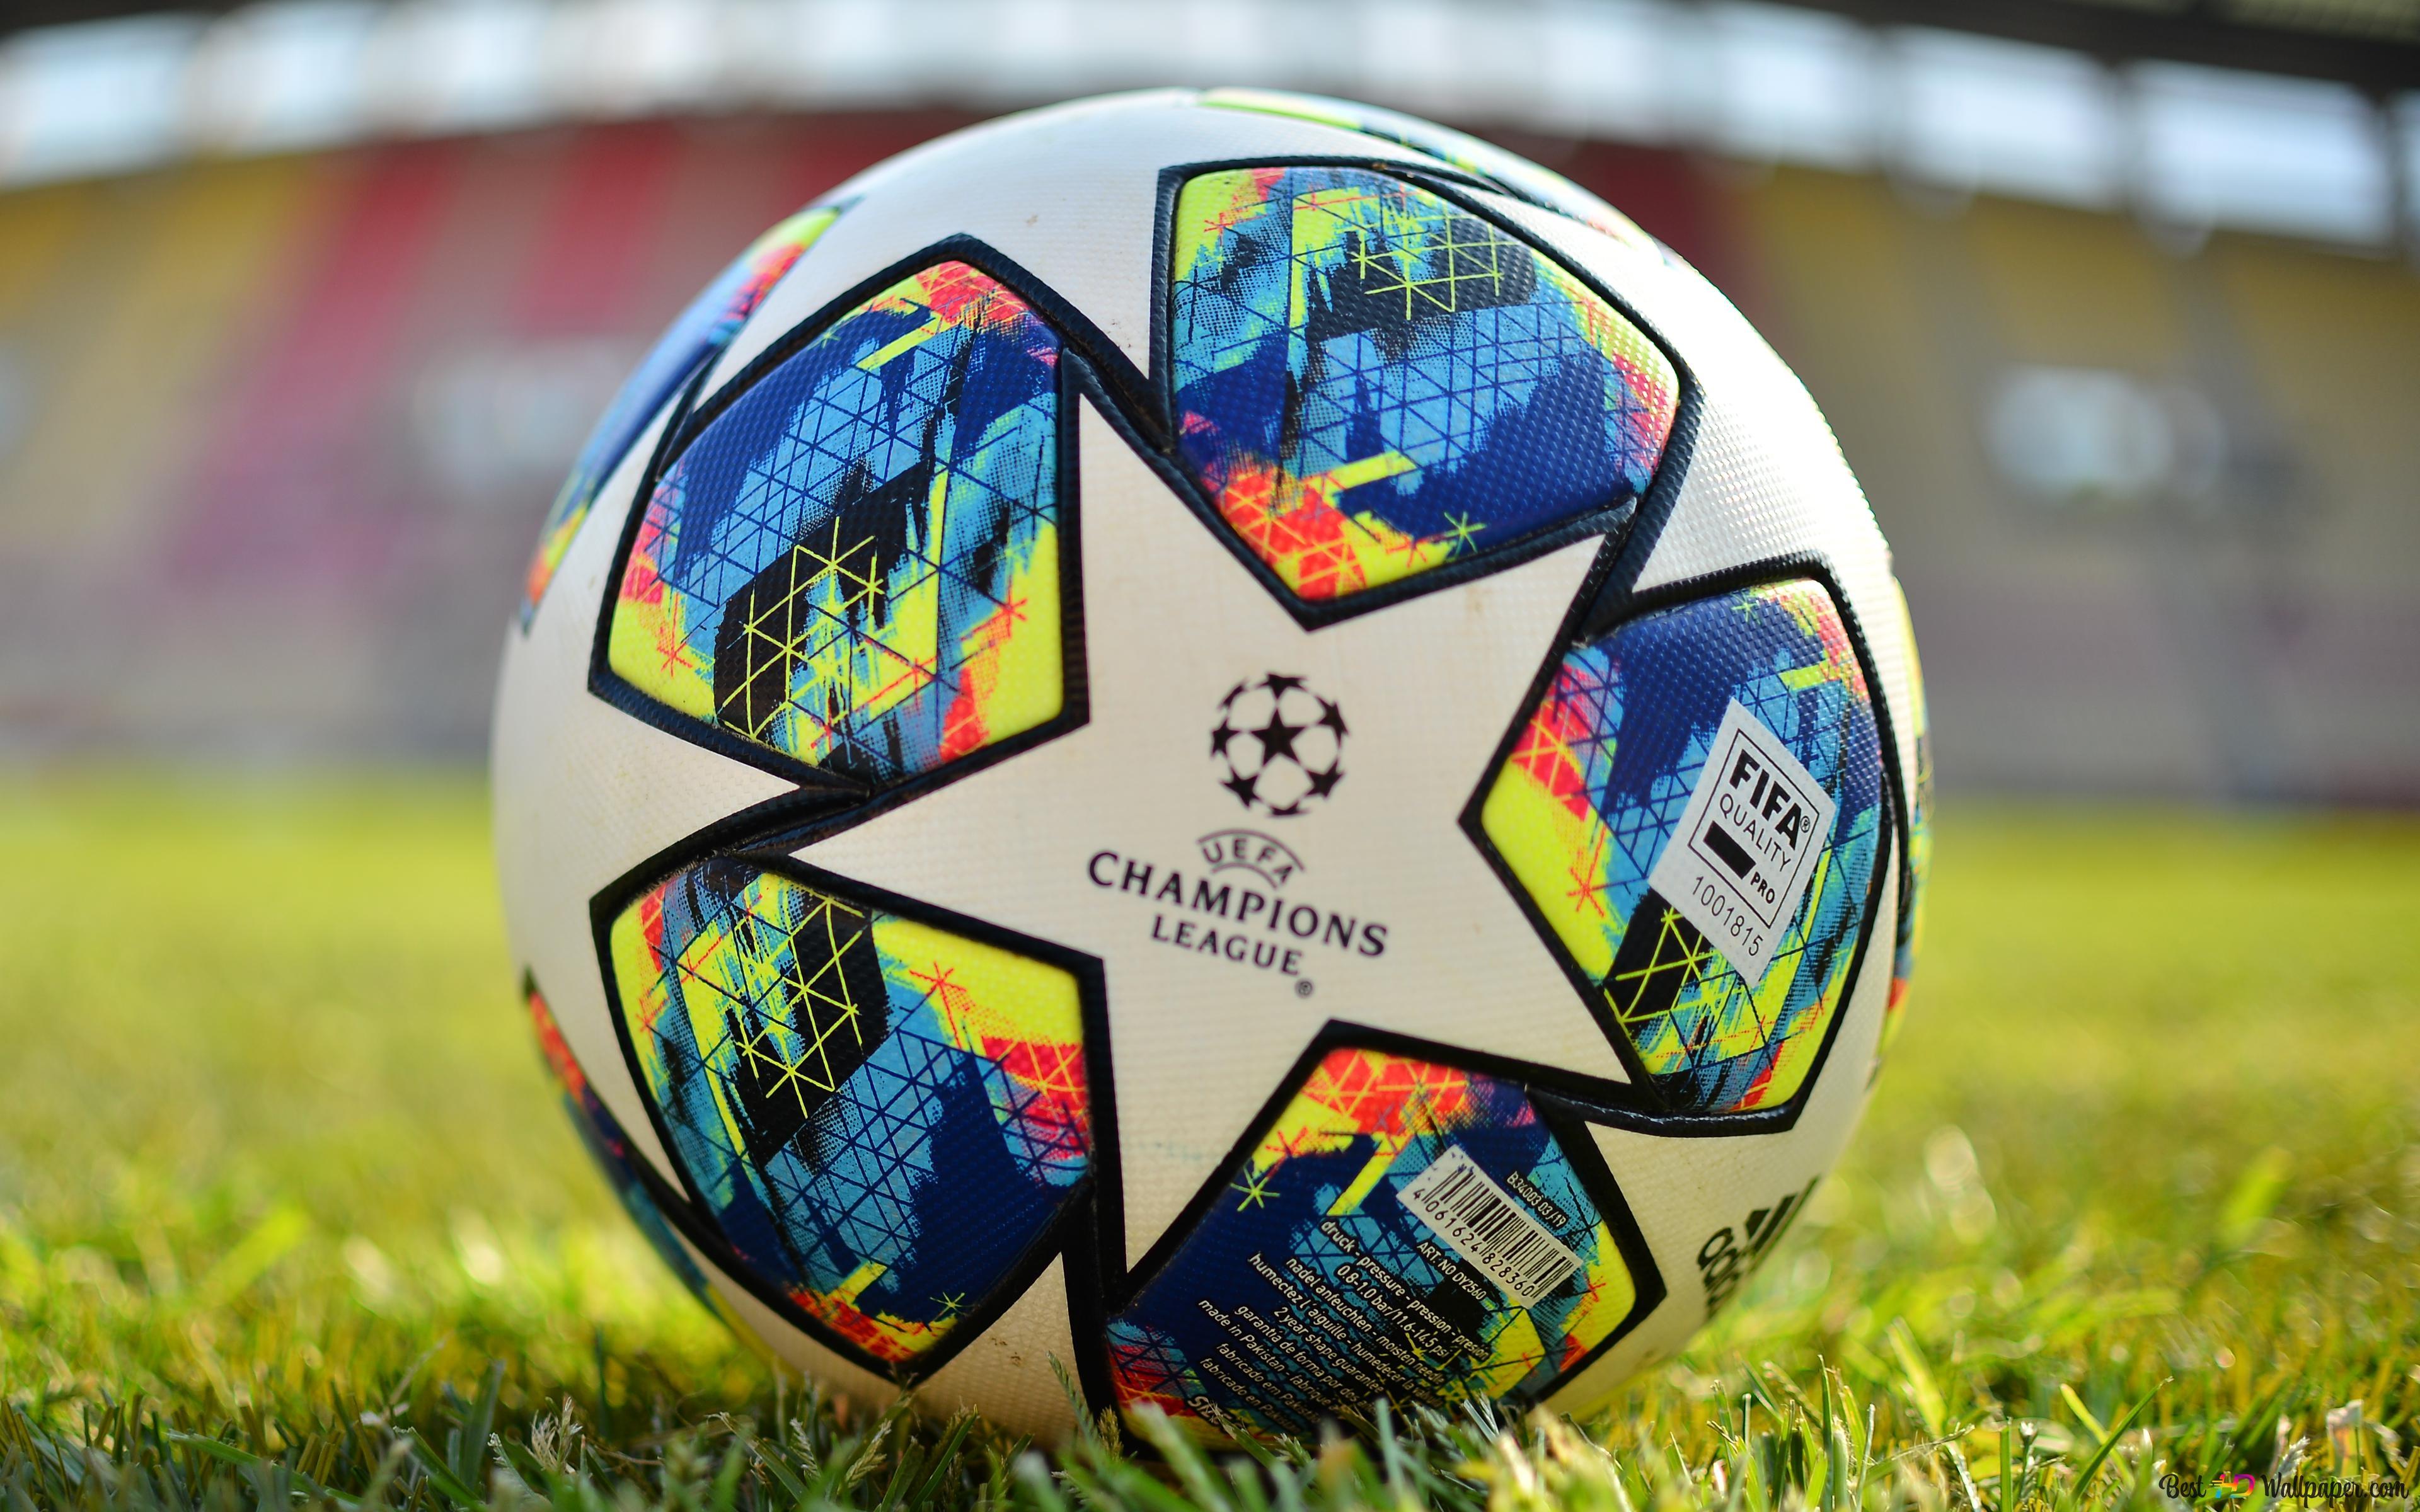 Uefaチャンピオンズリーグ2019 2020公式球は クローズアップ Hd壁紙